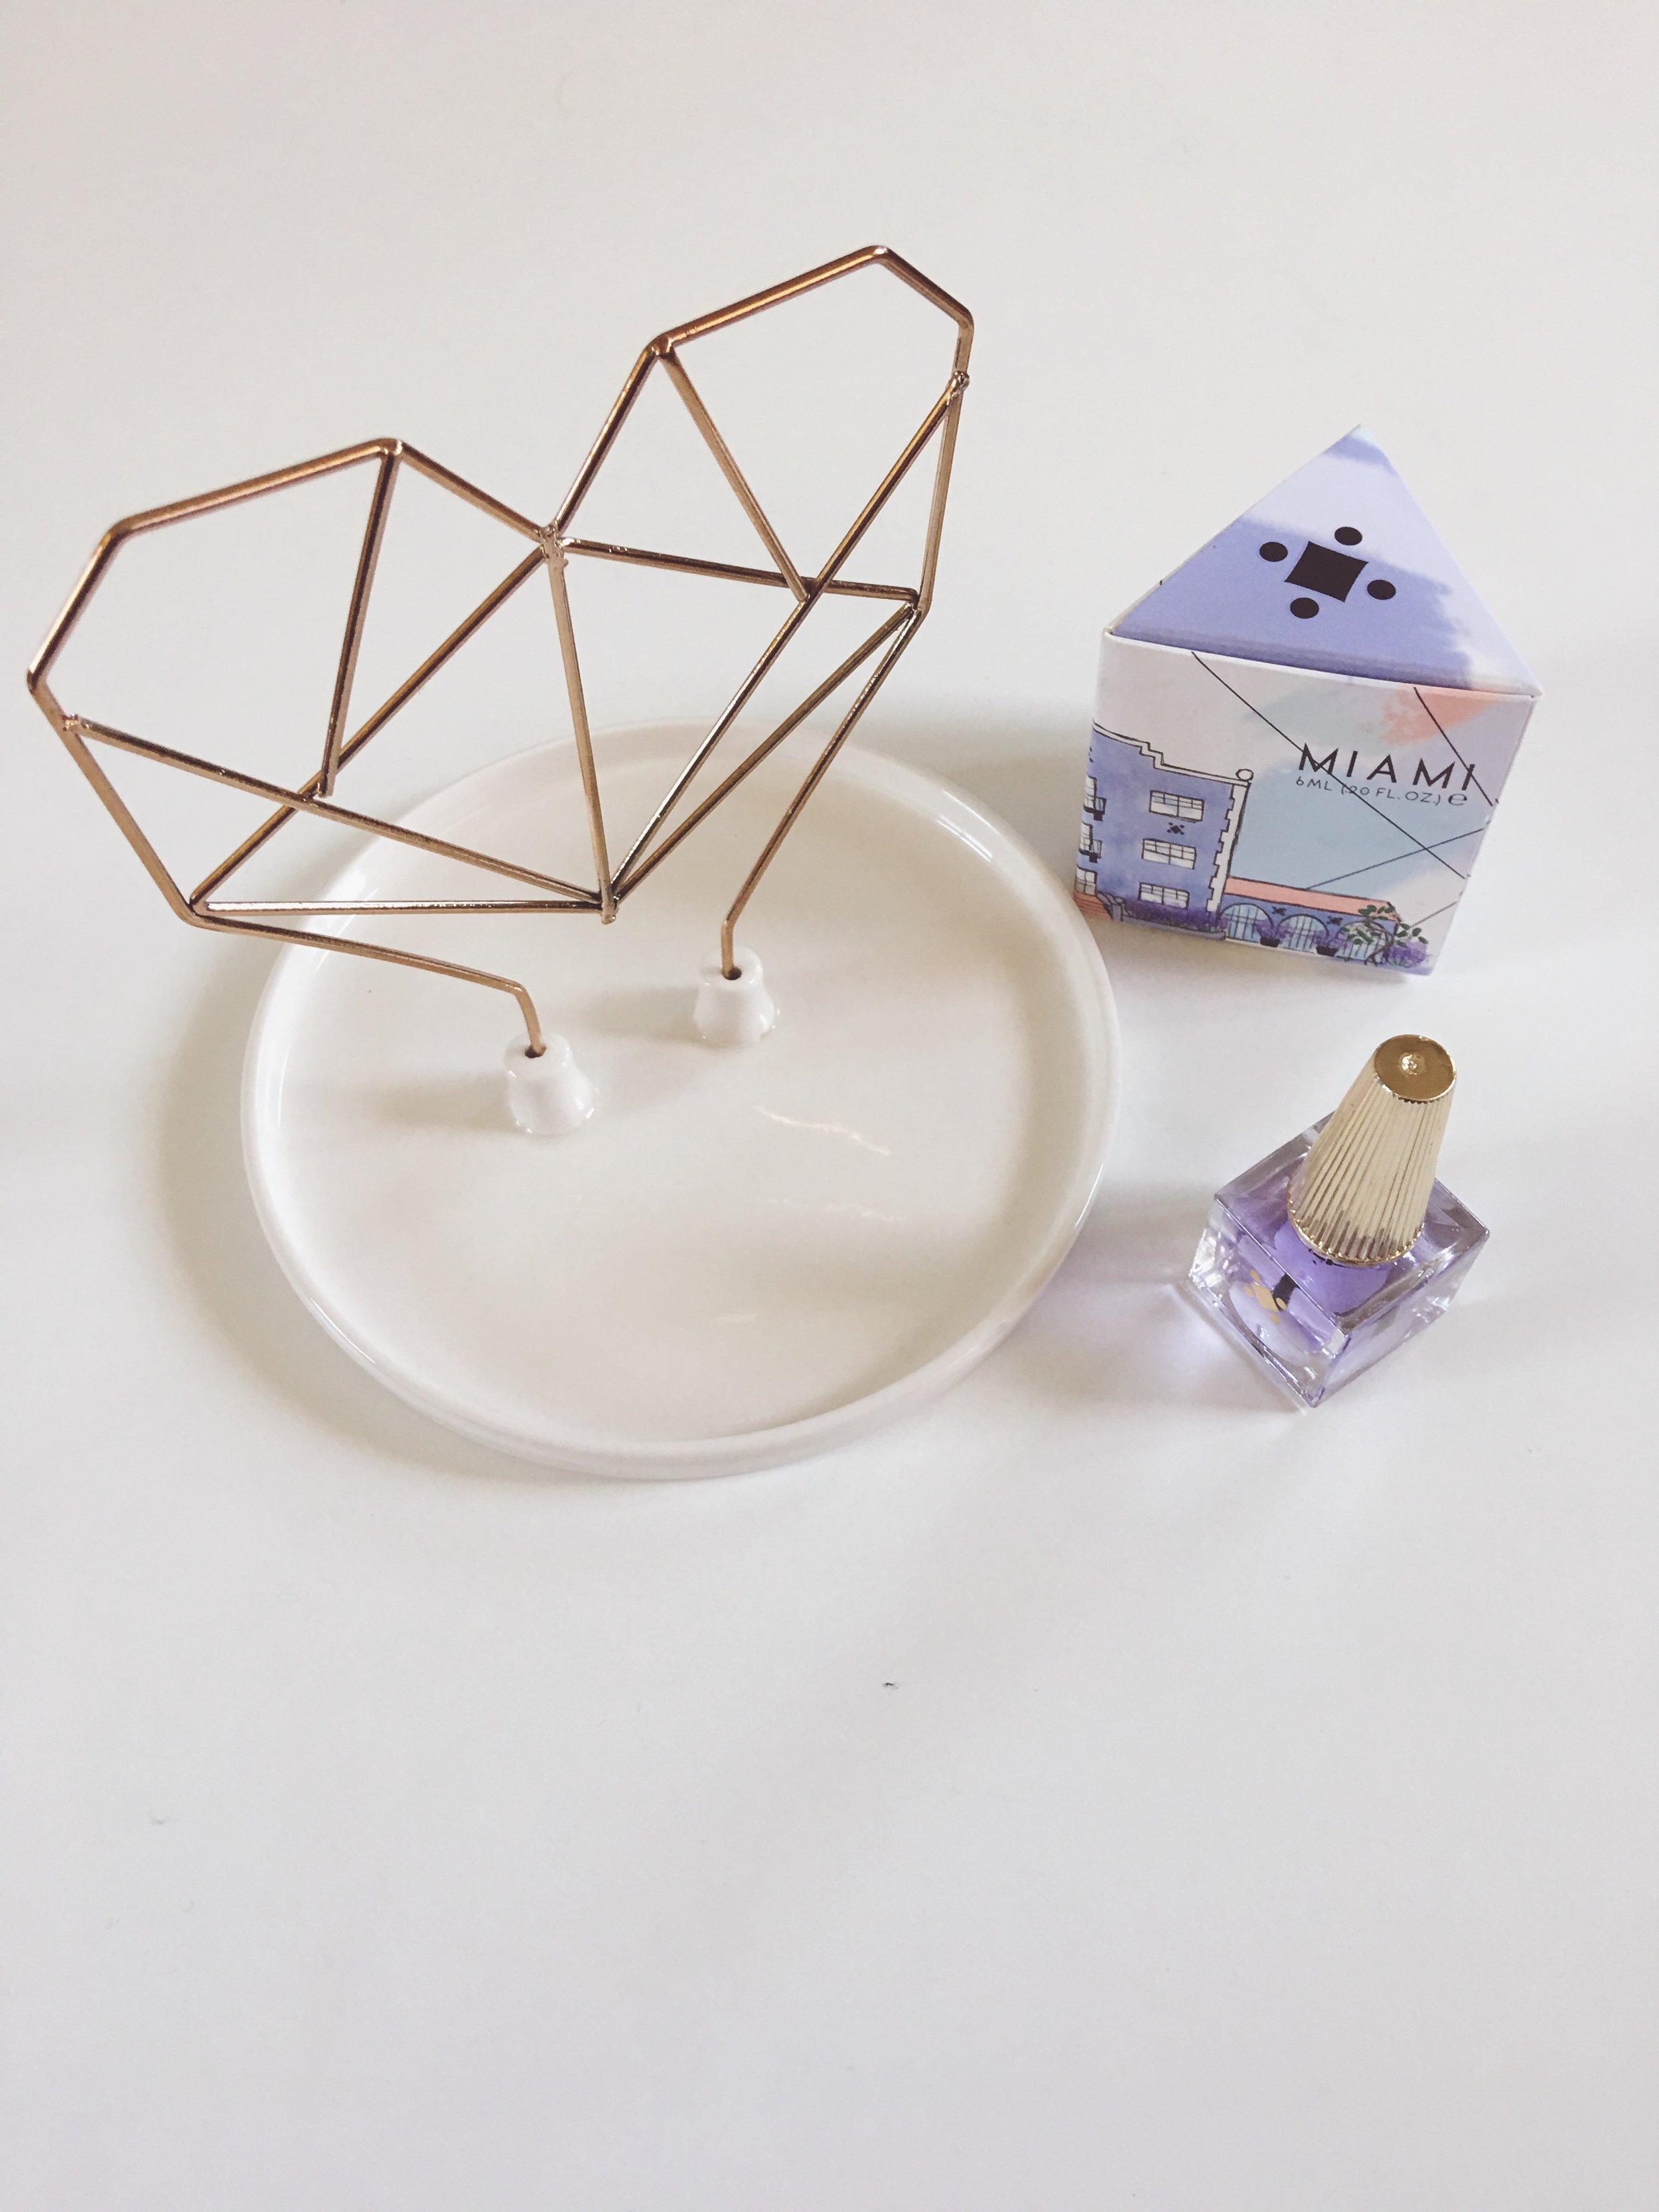 iMM lIVING + Deco mIAMI - Heart Ceramic Jewelry Holder + Lavender Cuticle Oil